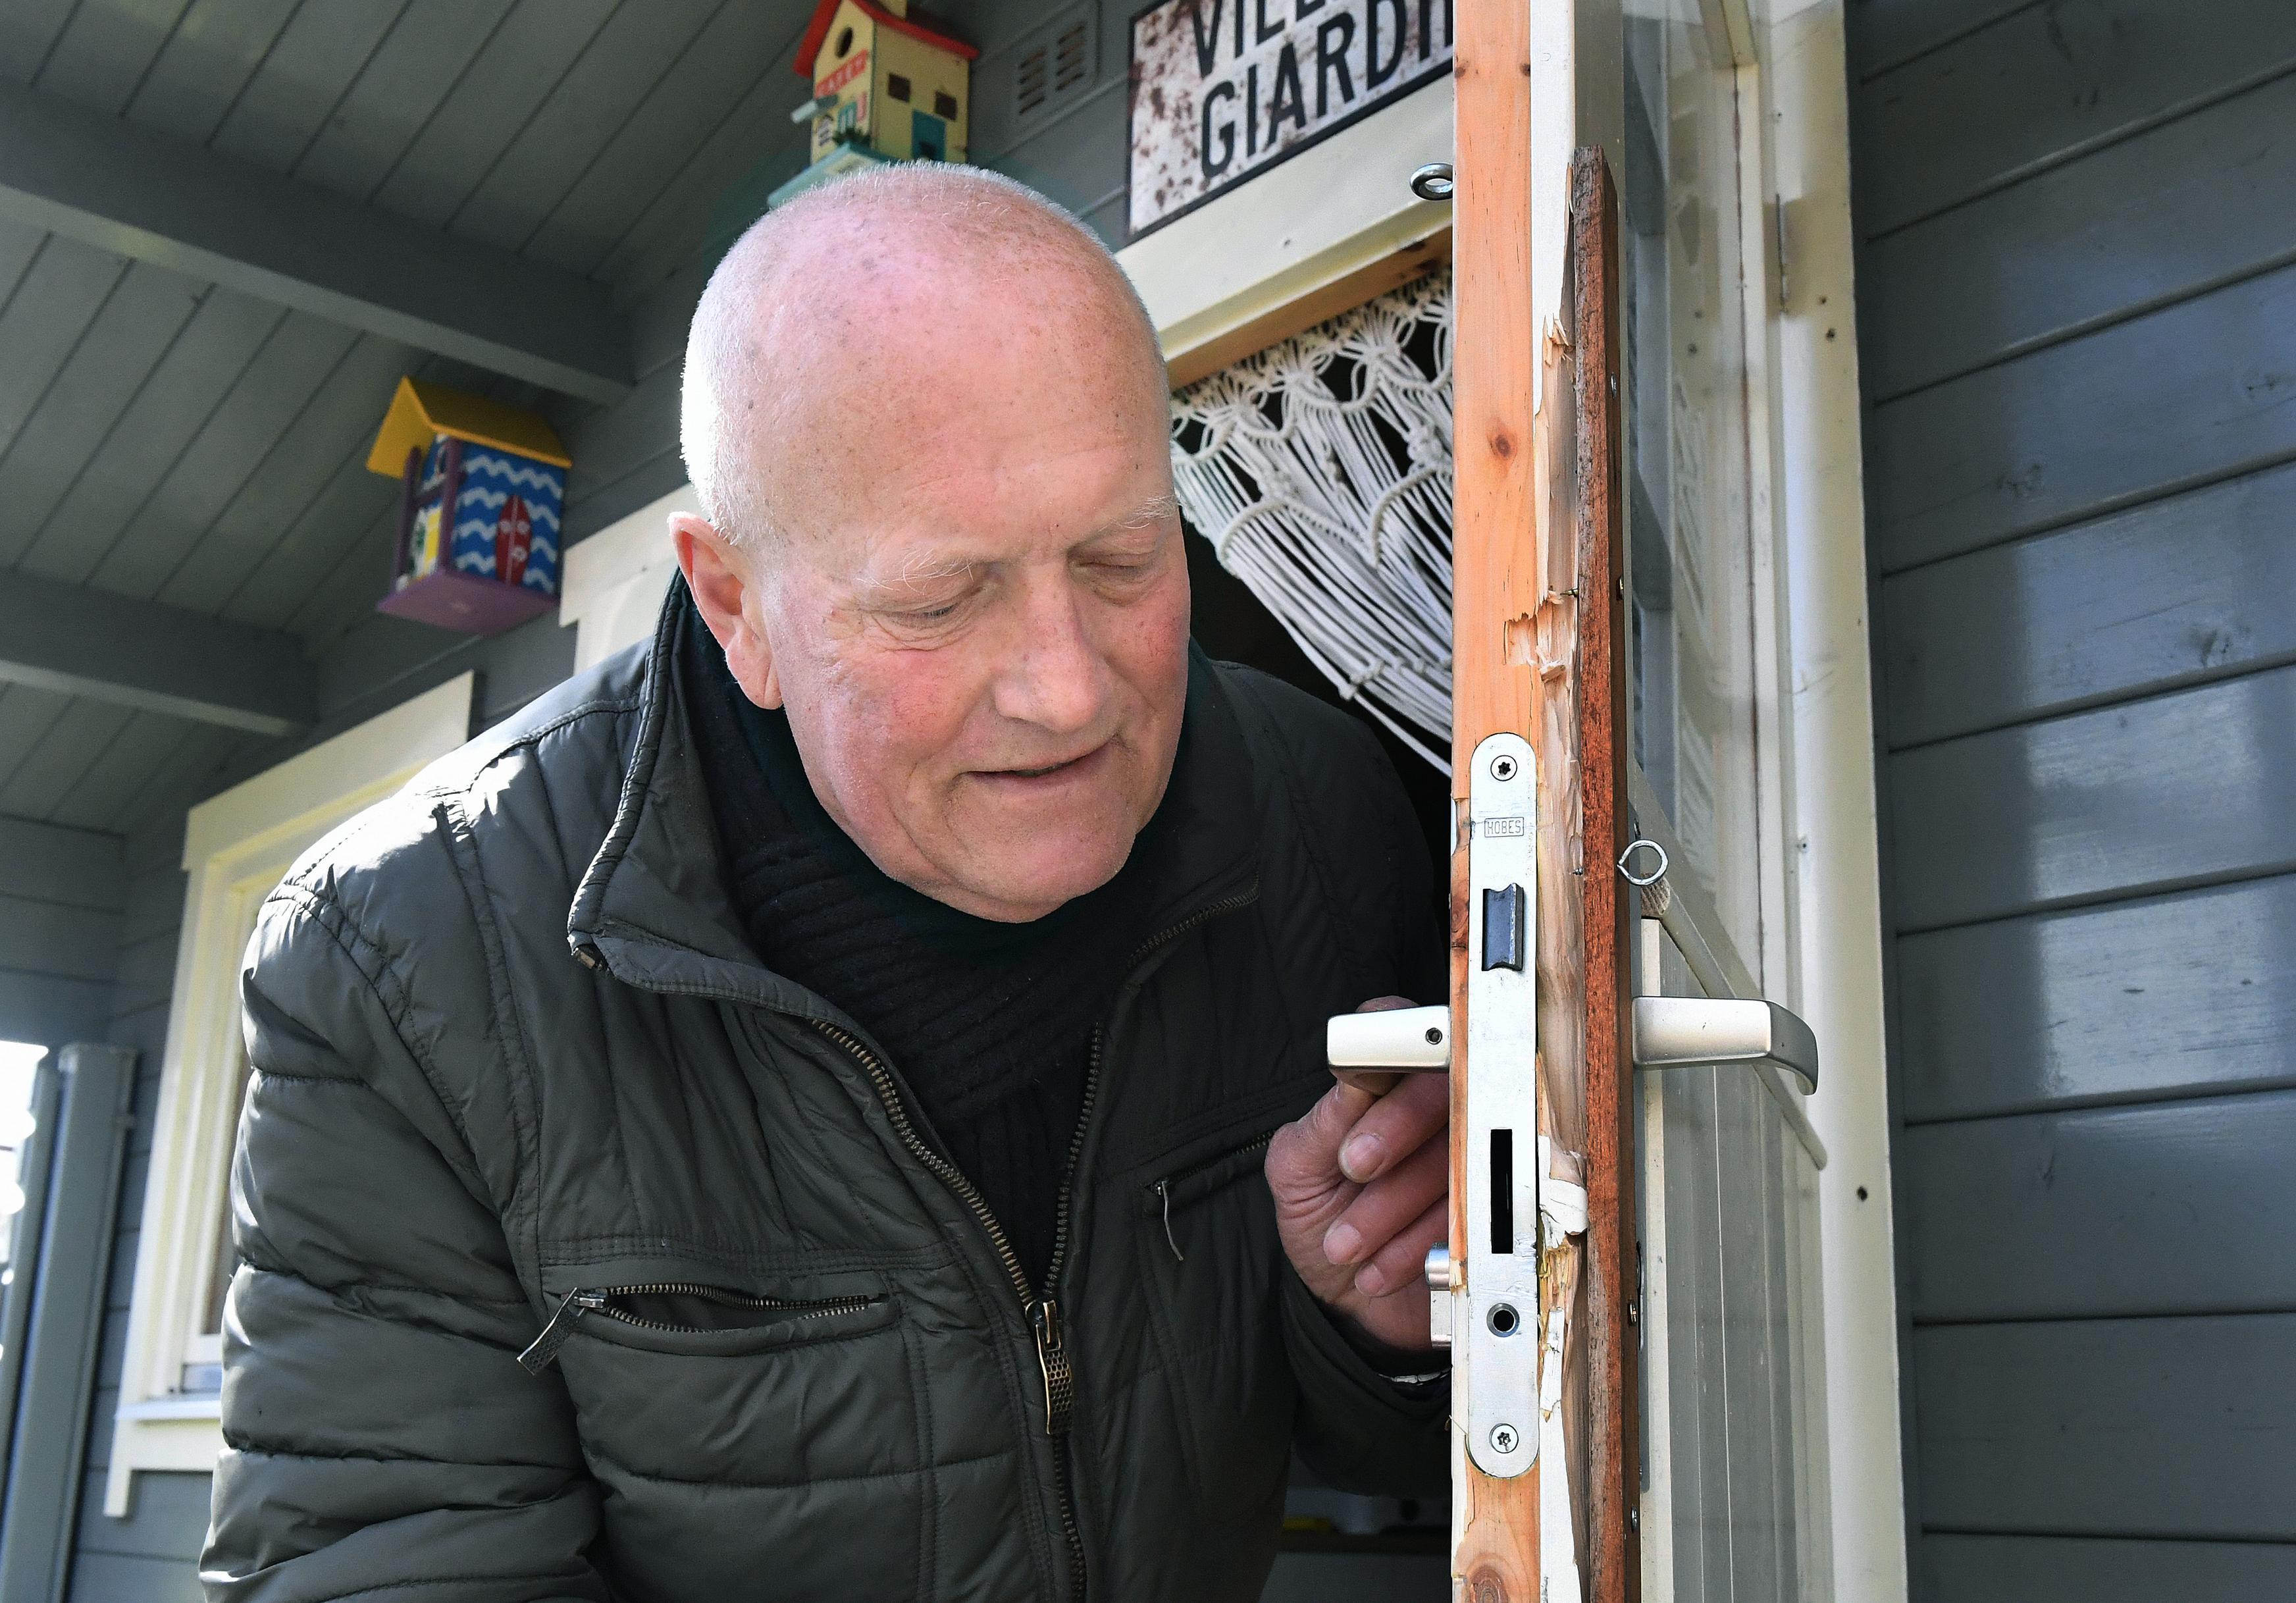 Inbrekers stelen, eten, drinken en chillen op volkstuinencomplex Texelstroom. ,,Ik voel me hier niet veilig meer'', zegt een slachtoffer